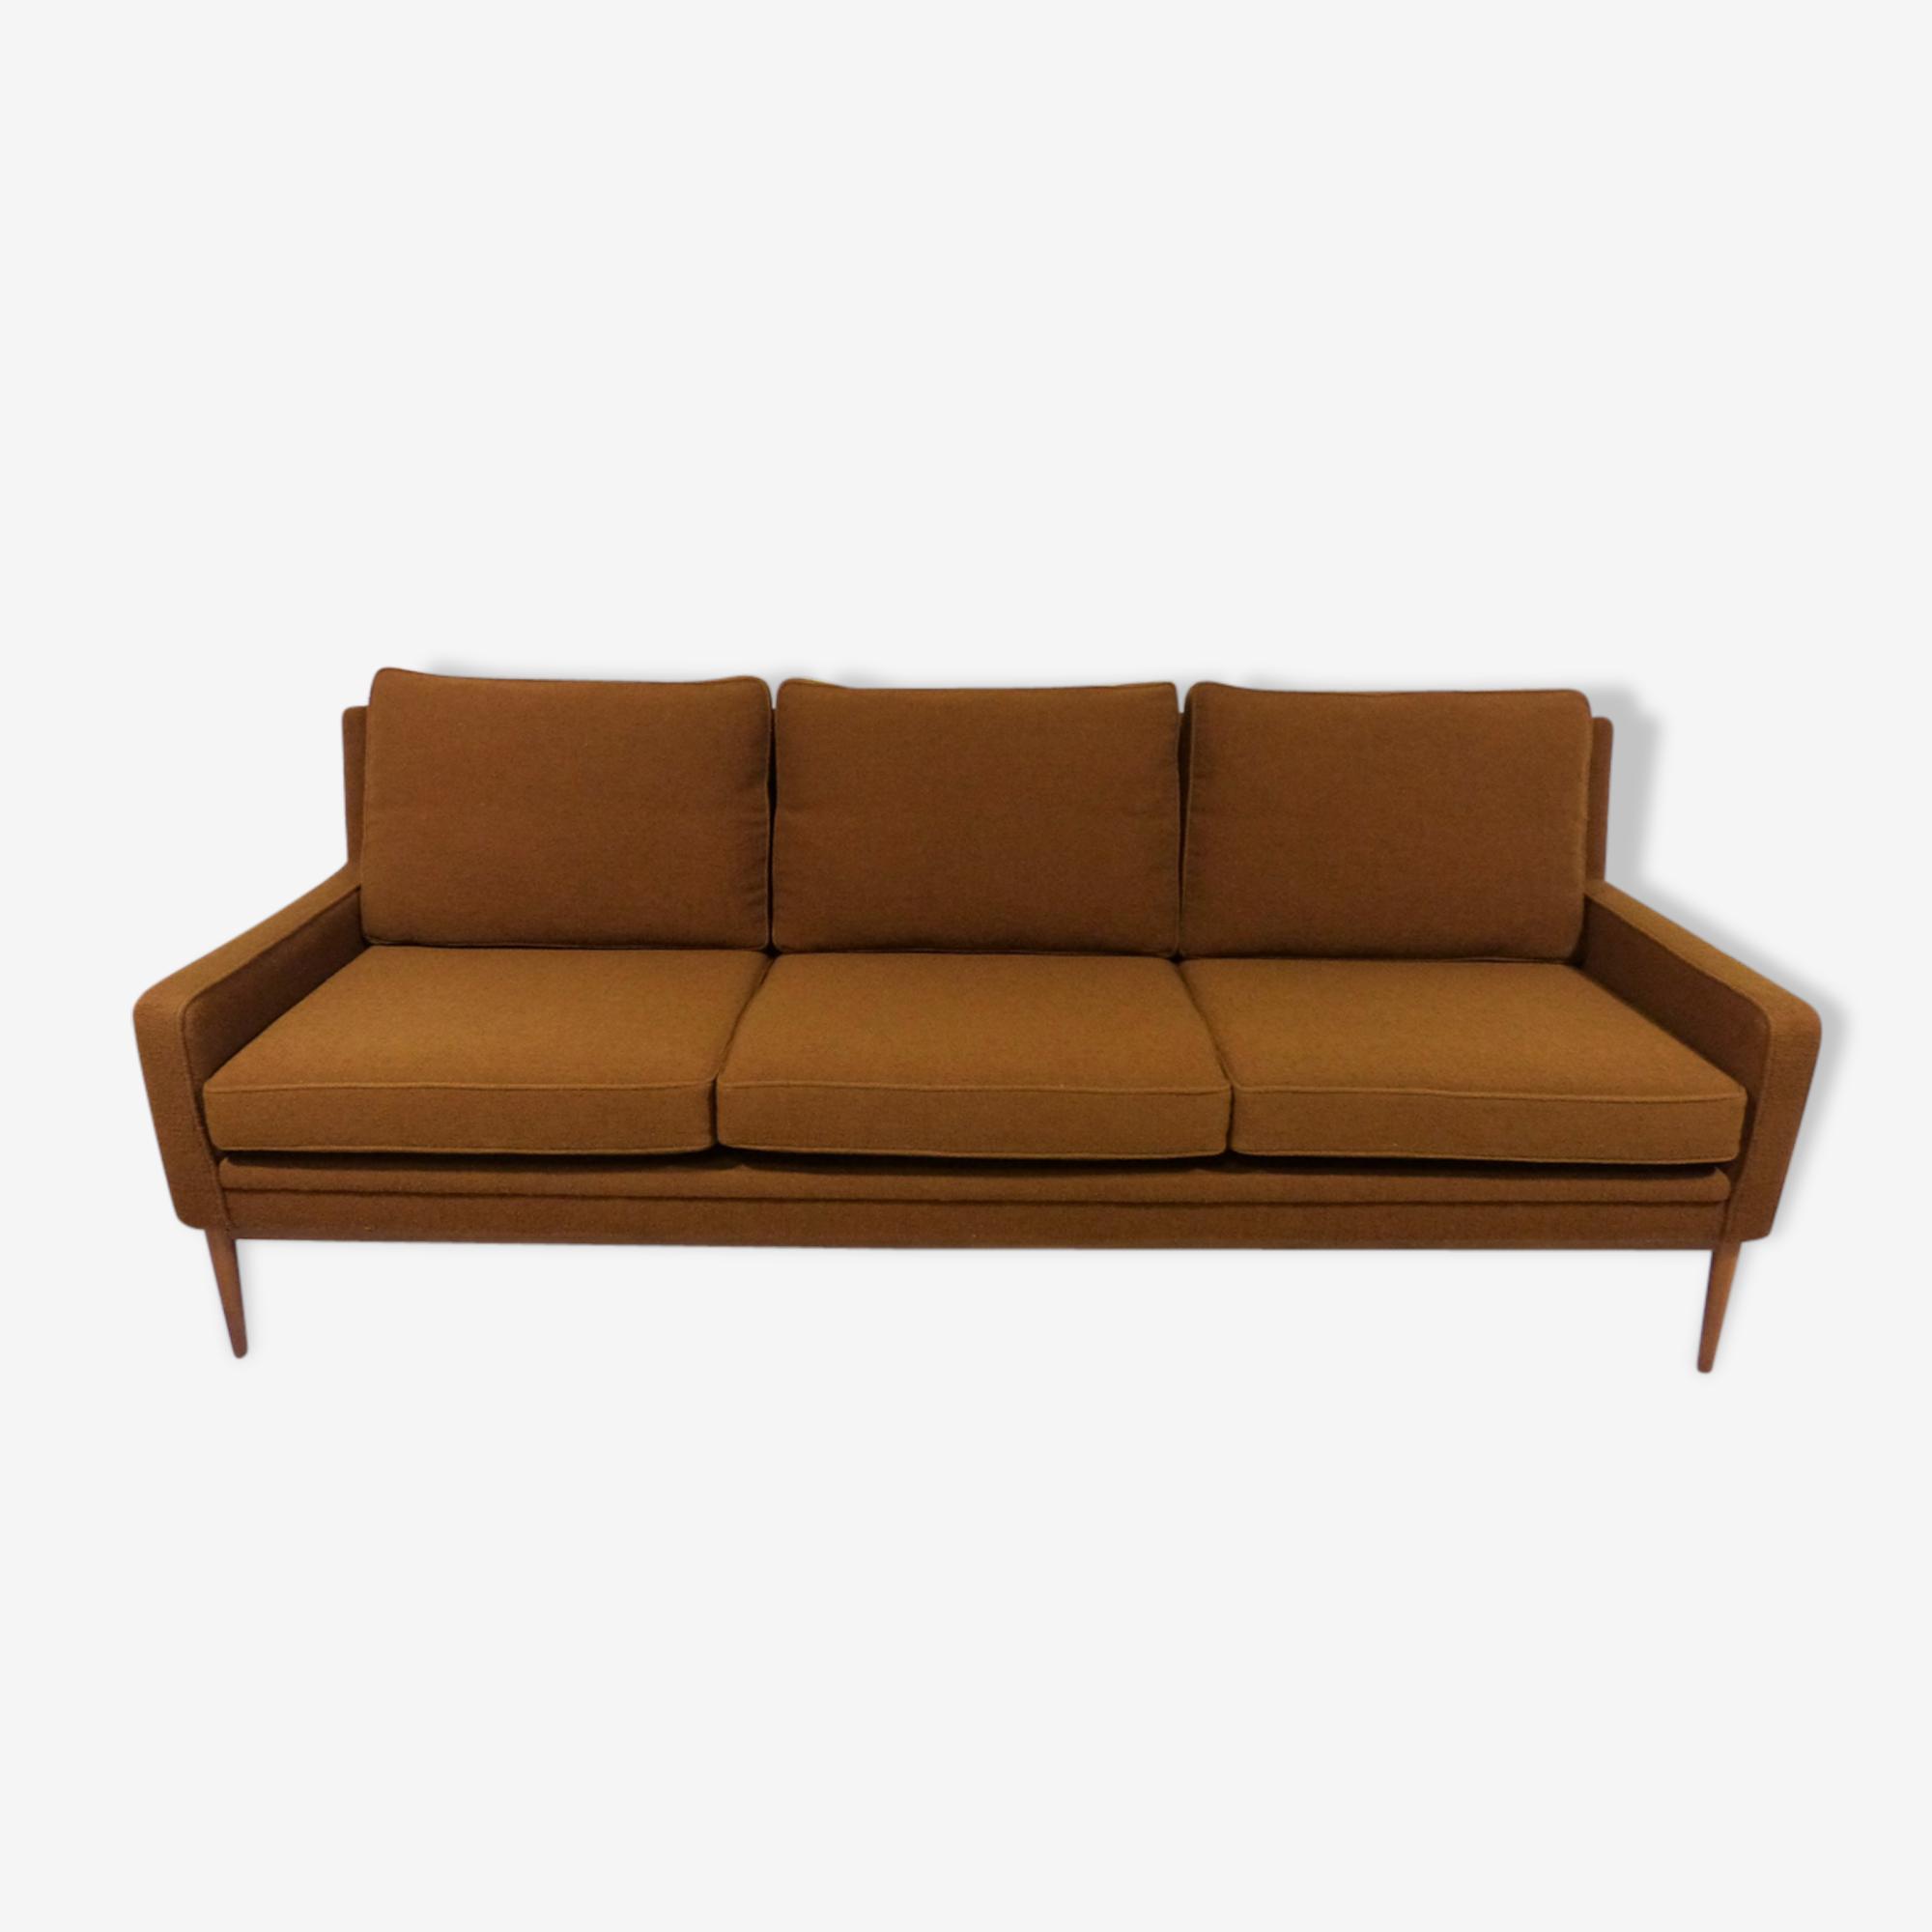 Danish 3-Seats Sofa